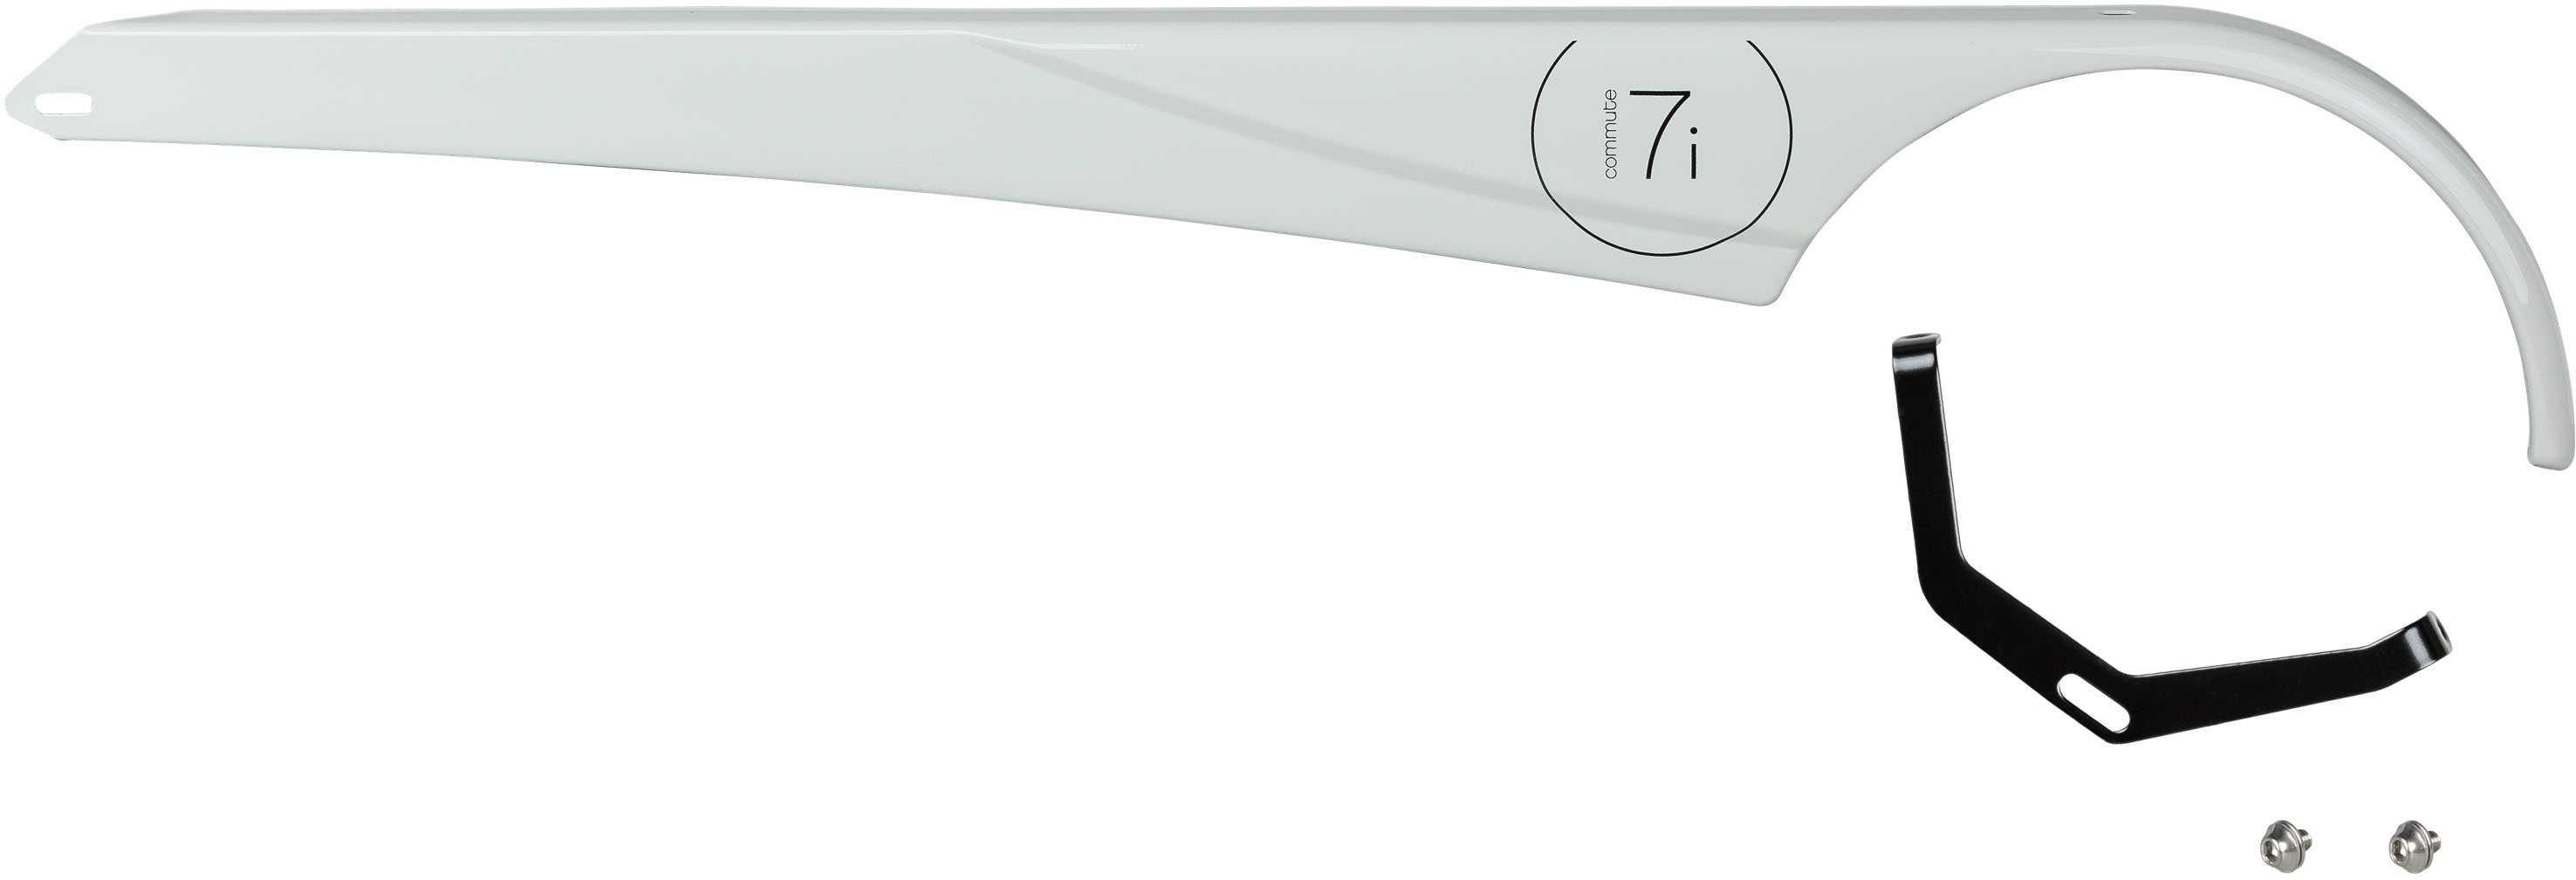 Kedjeskydd Electra Townie Commute 7I EQ grå   Kædeskærme og beslag